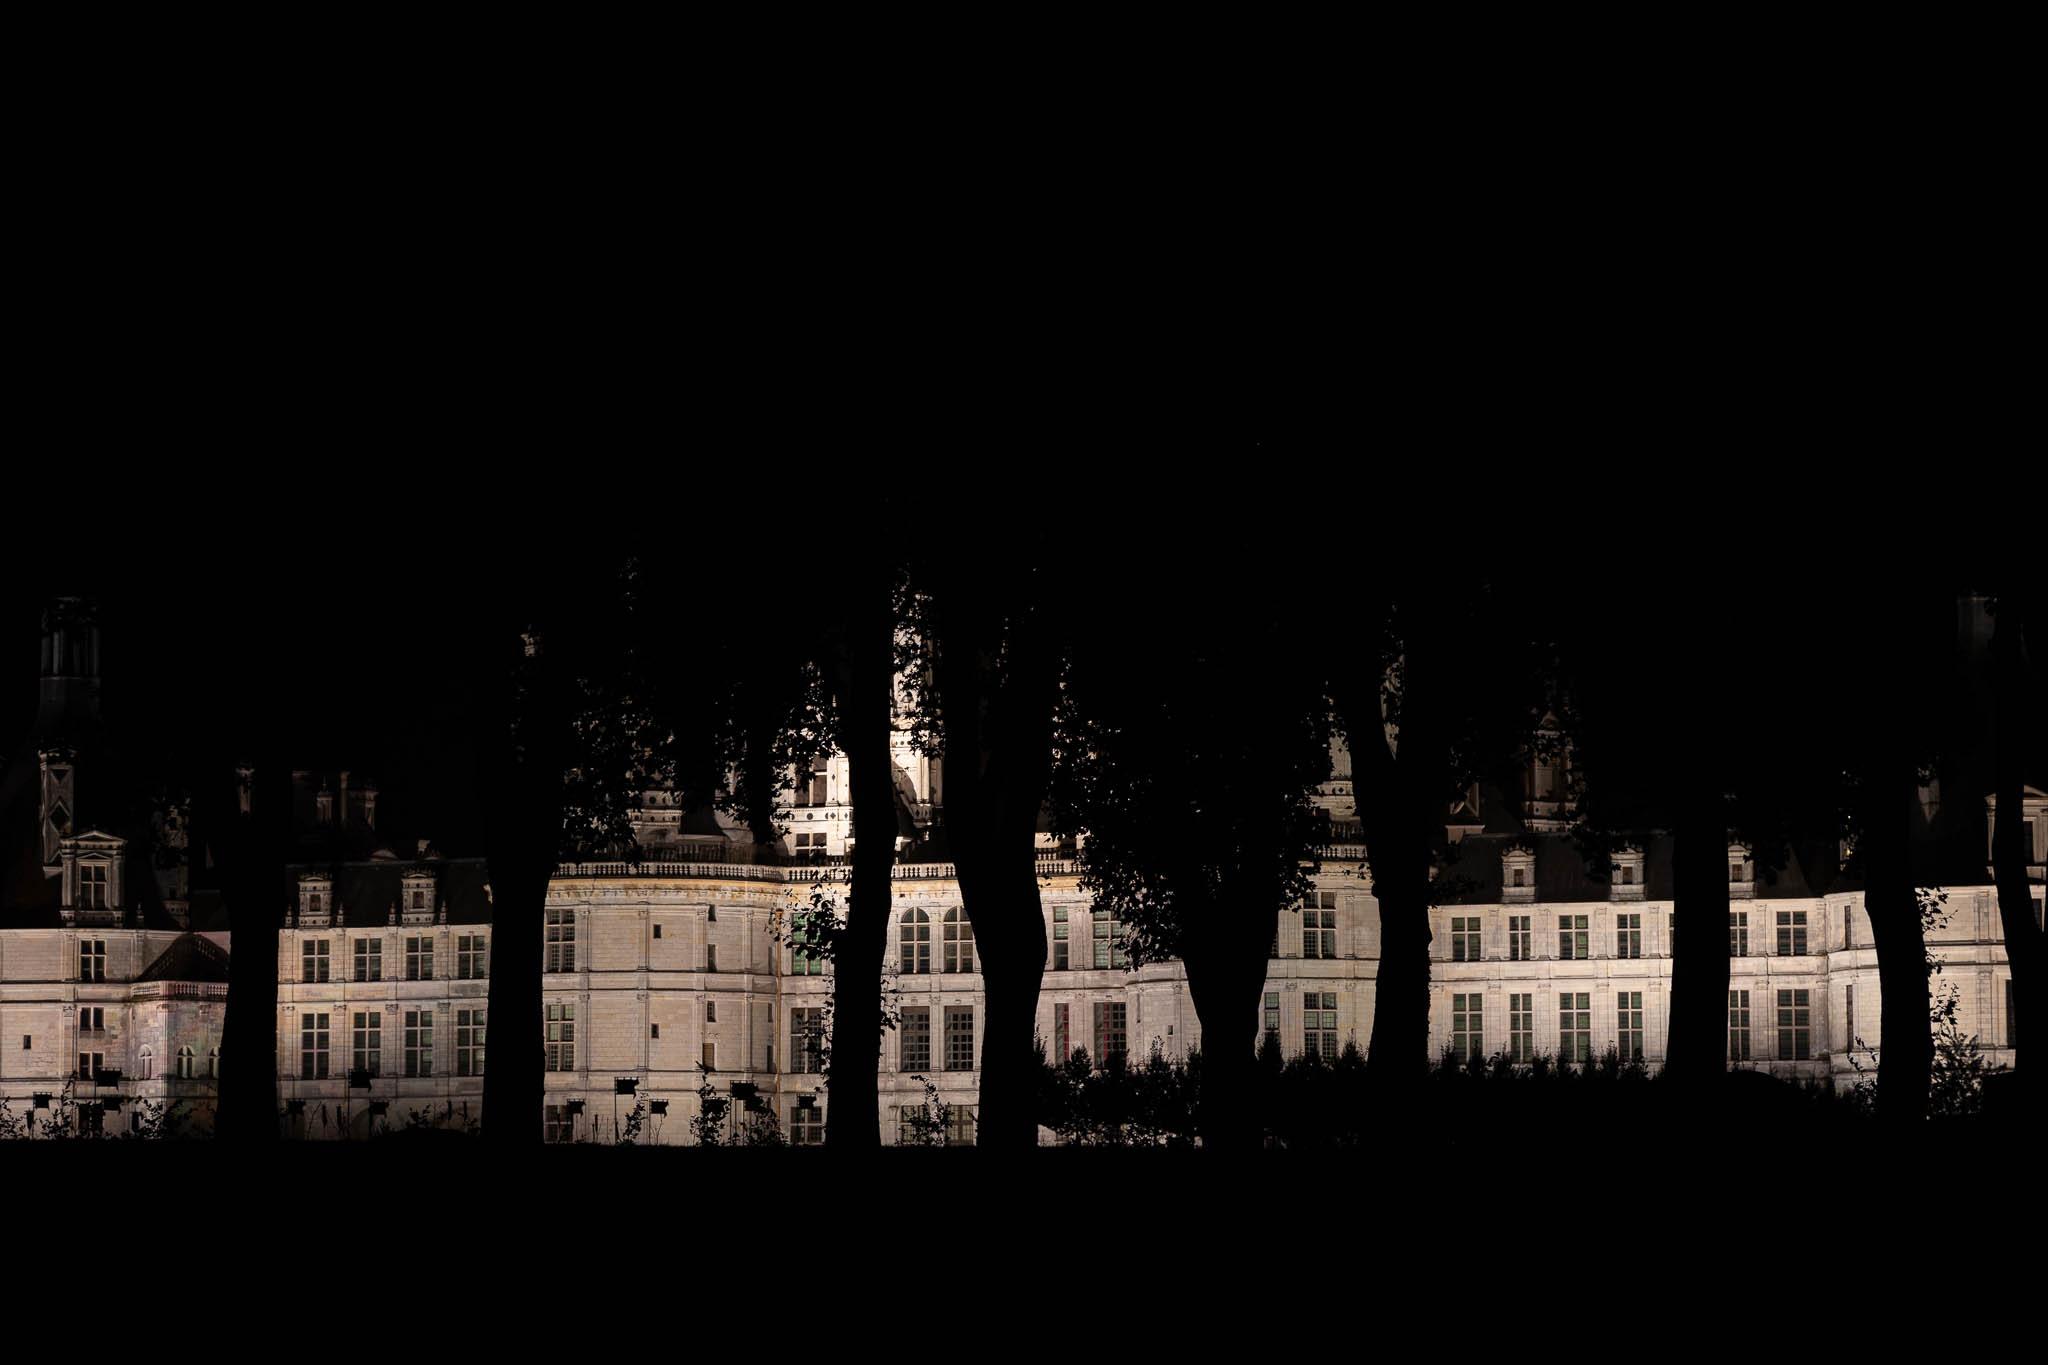 30 et 31 août : Château de Chambord